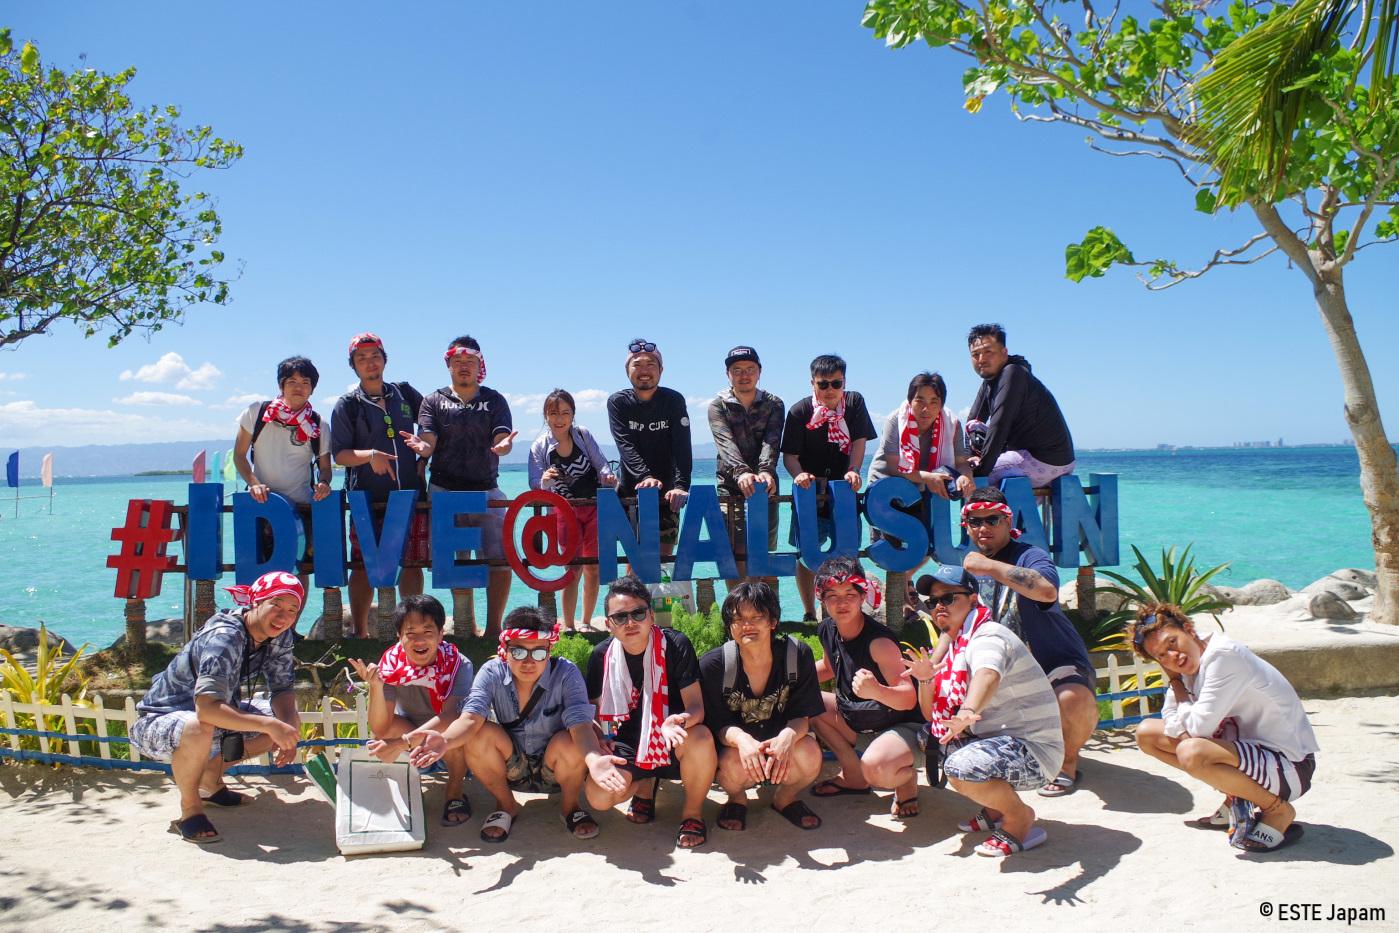 日本人ガイドを利用してアイランドホッピングへ行った社員旅行の団体